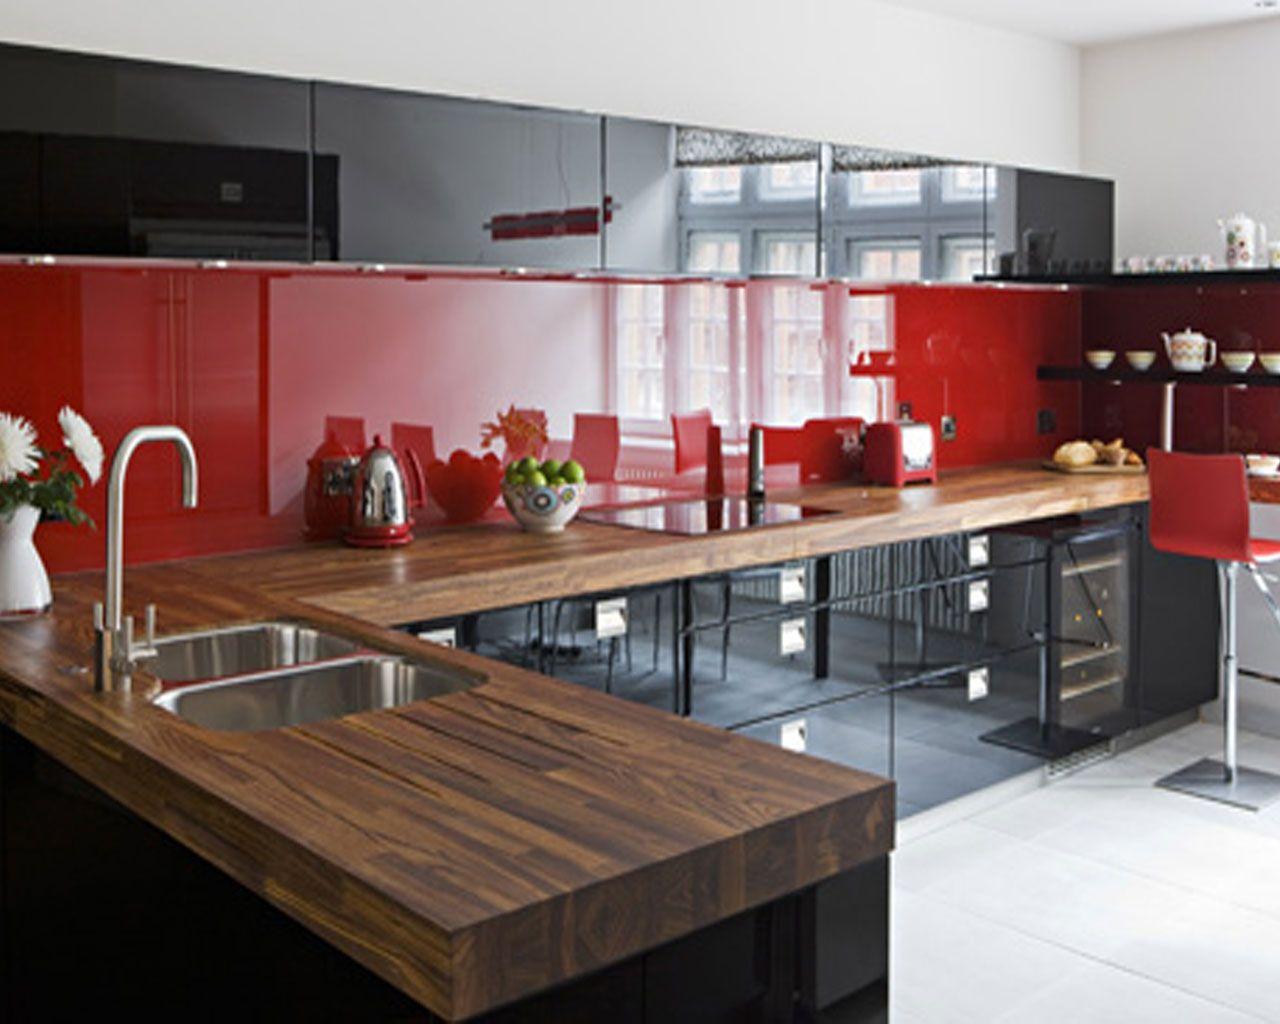 Modern Kitchen Ideas 2013 dark kitchen design ideas 2013 | project: home | pinterest